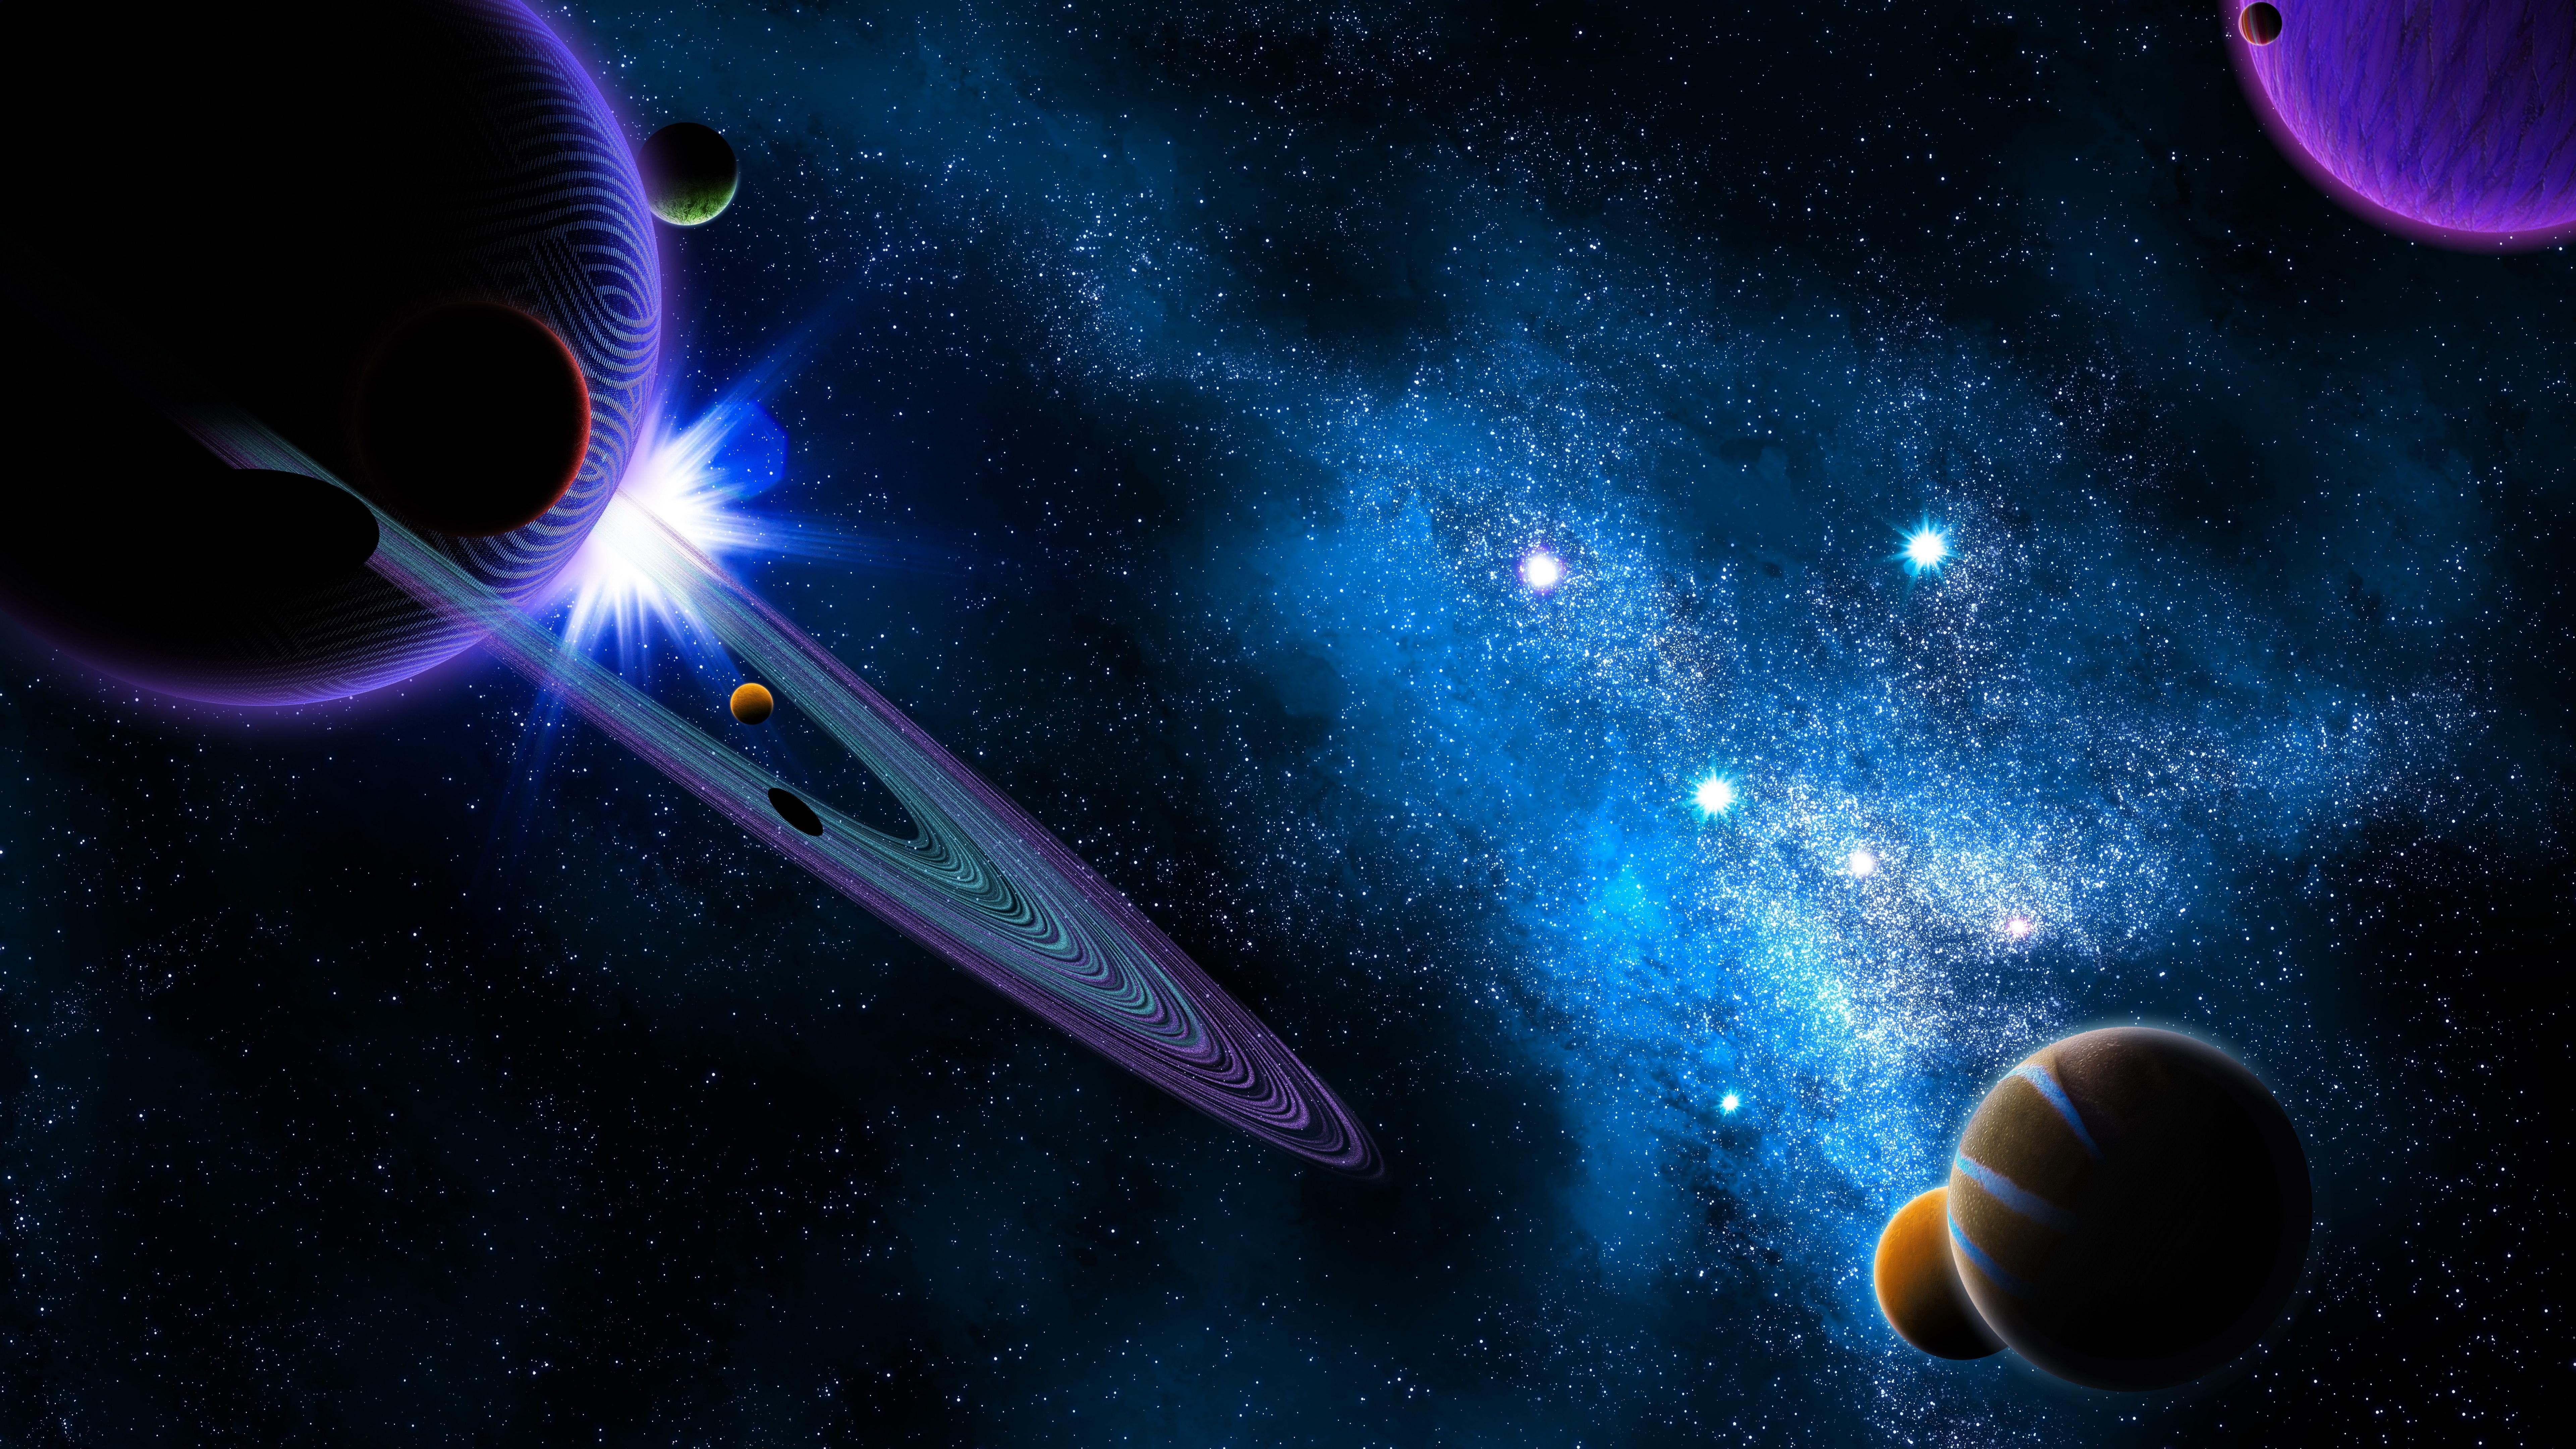 картинка планет на рабочий стол признавался, что многие